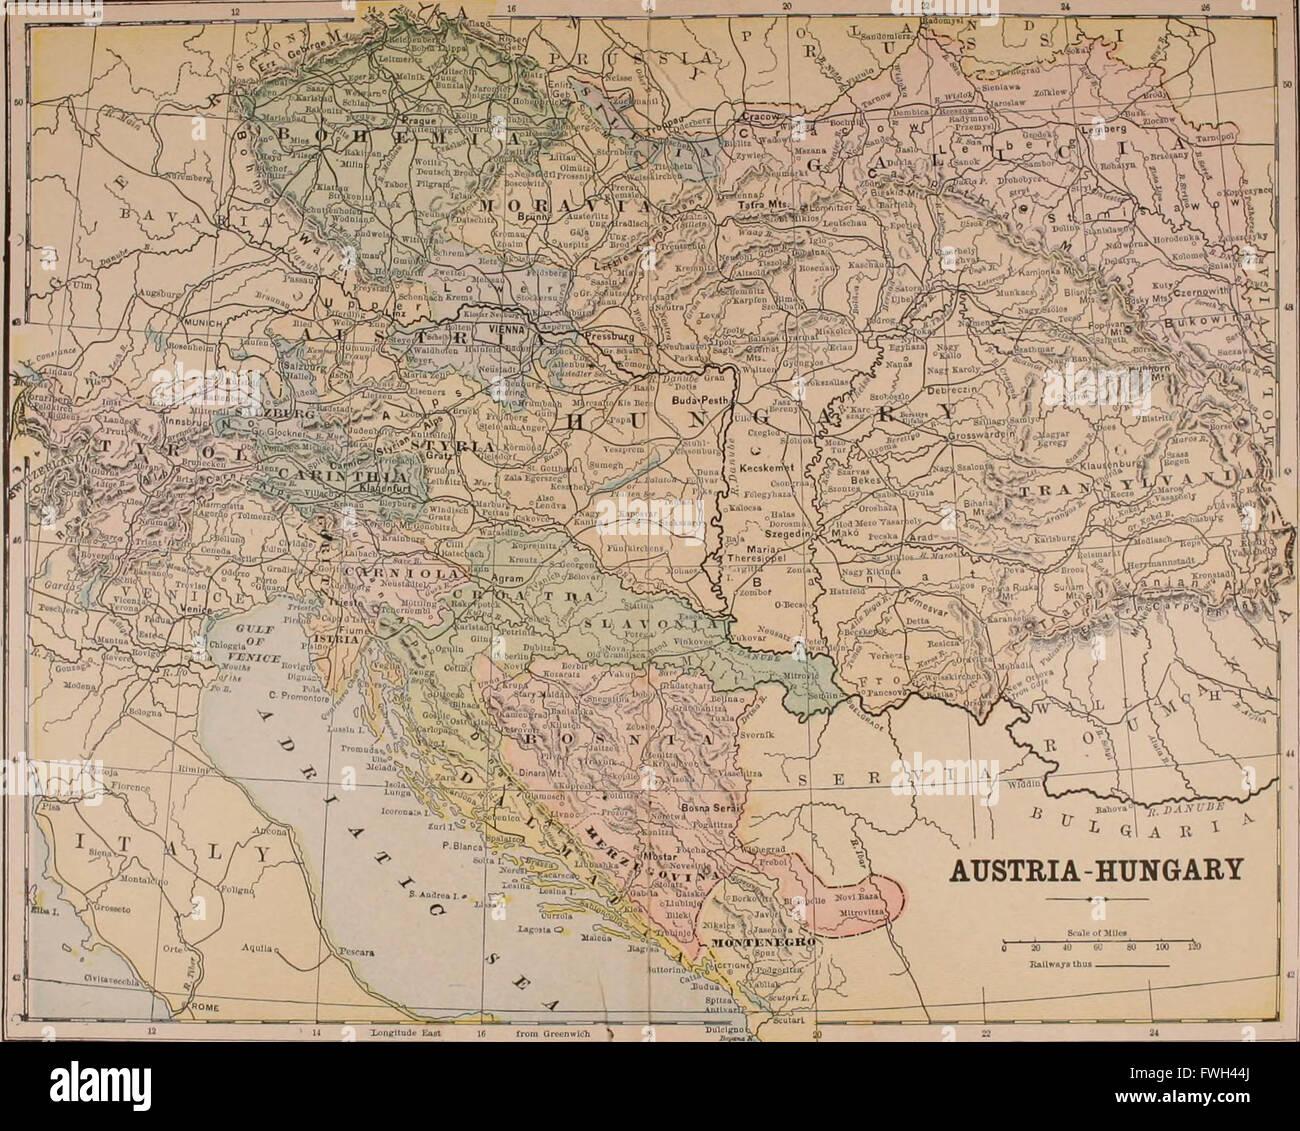 L'encyclopédie Britannica; un dictionnaire des sciences, des arts et de la littérature générale (1902) Banque D'Images